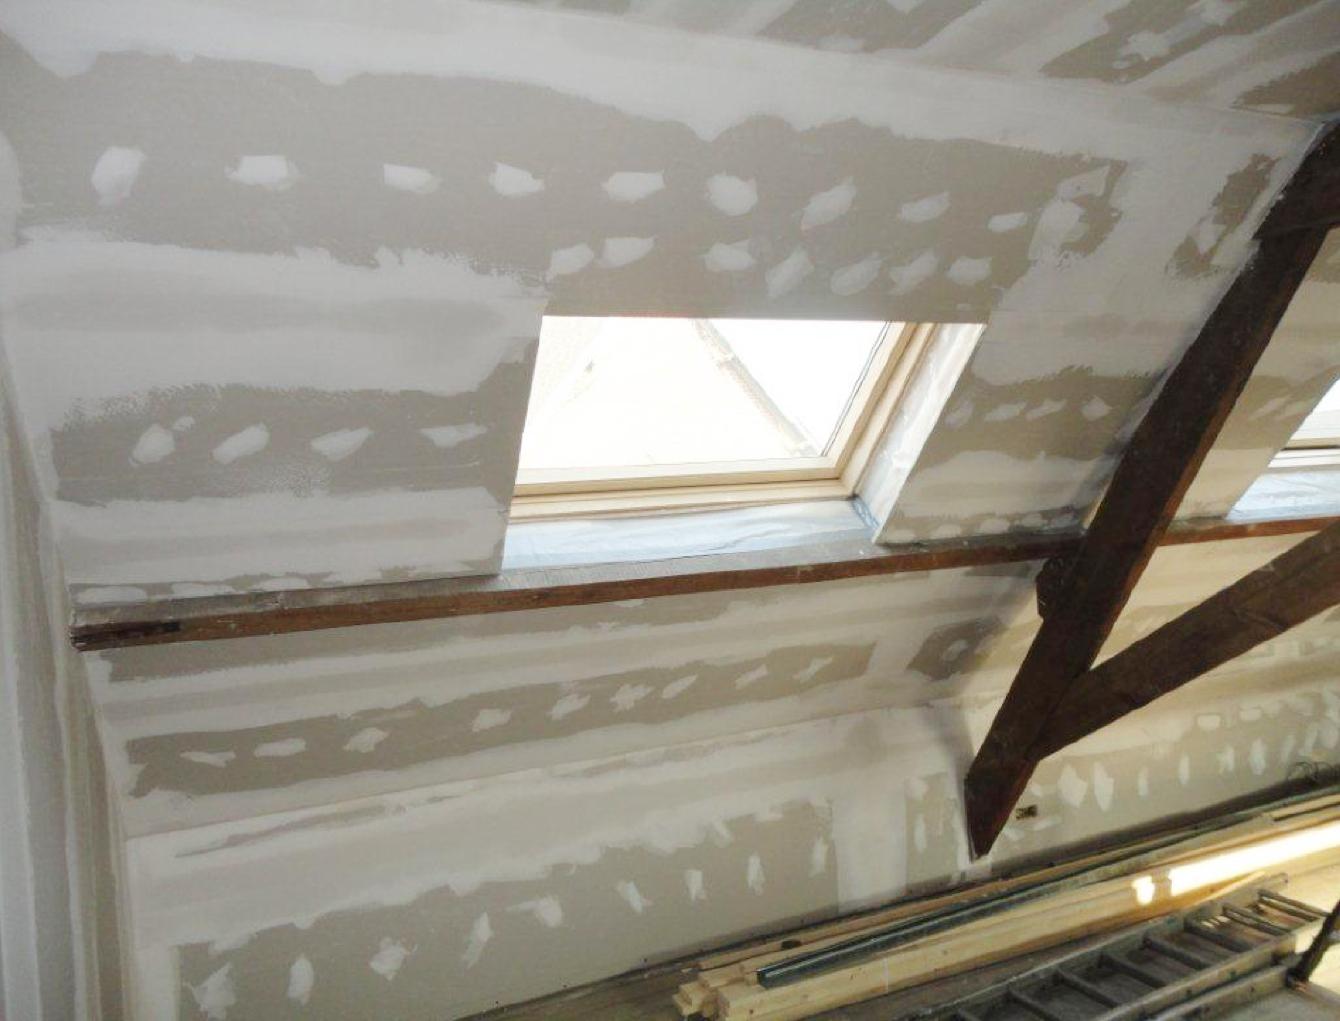 Zolderrenovaties-West Vlaanderen-Pleisterwerken-Uitwerken Velux